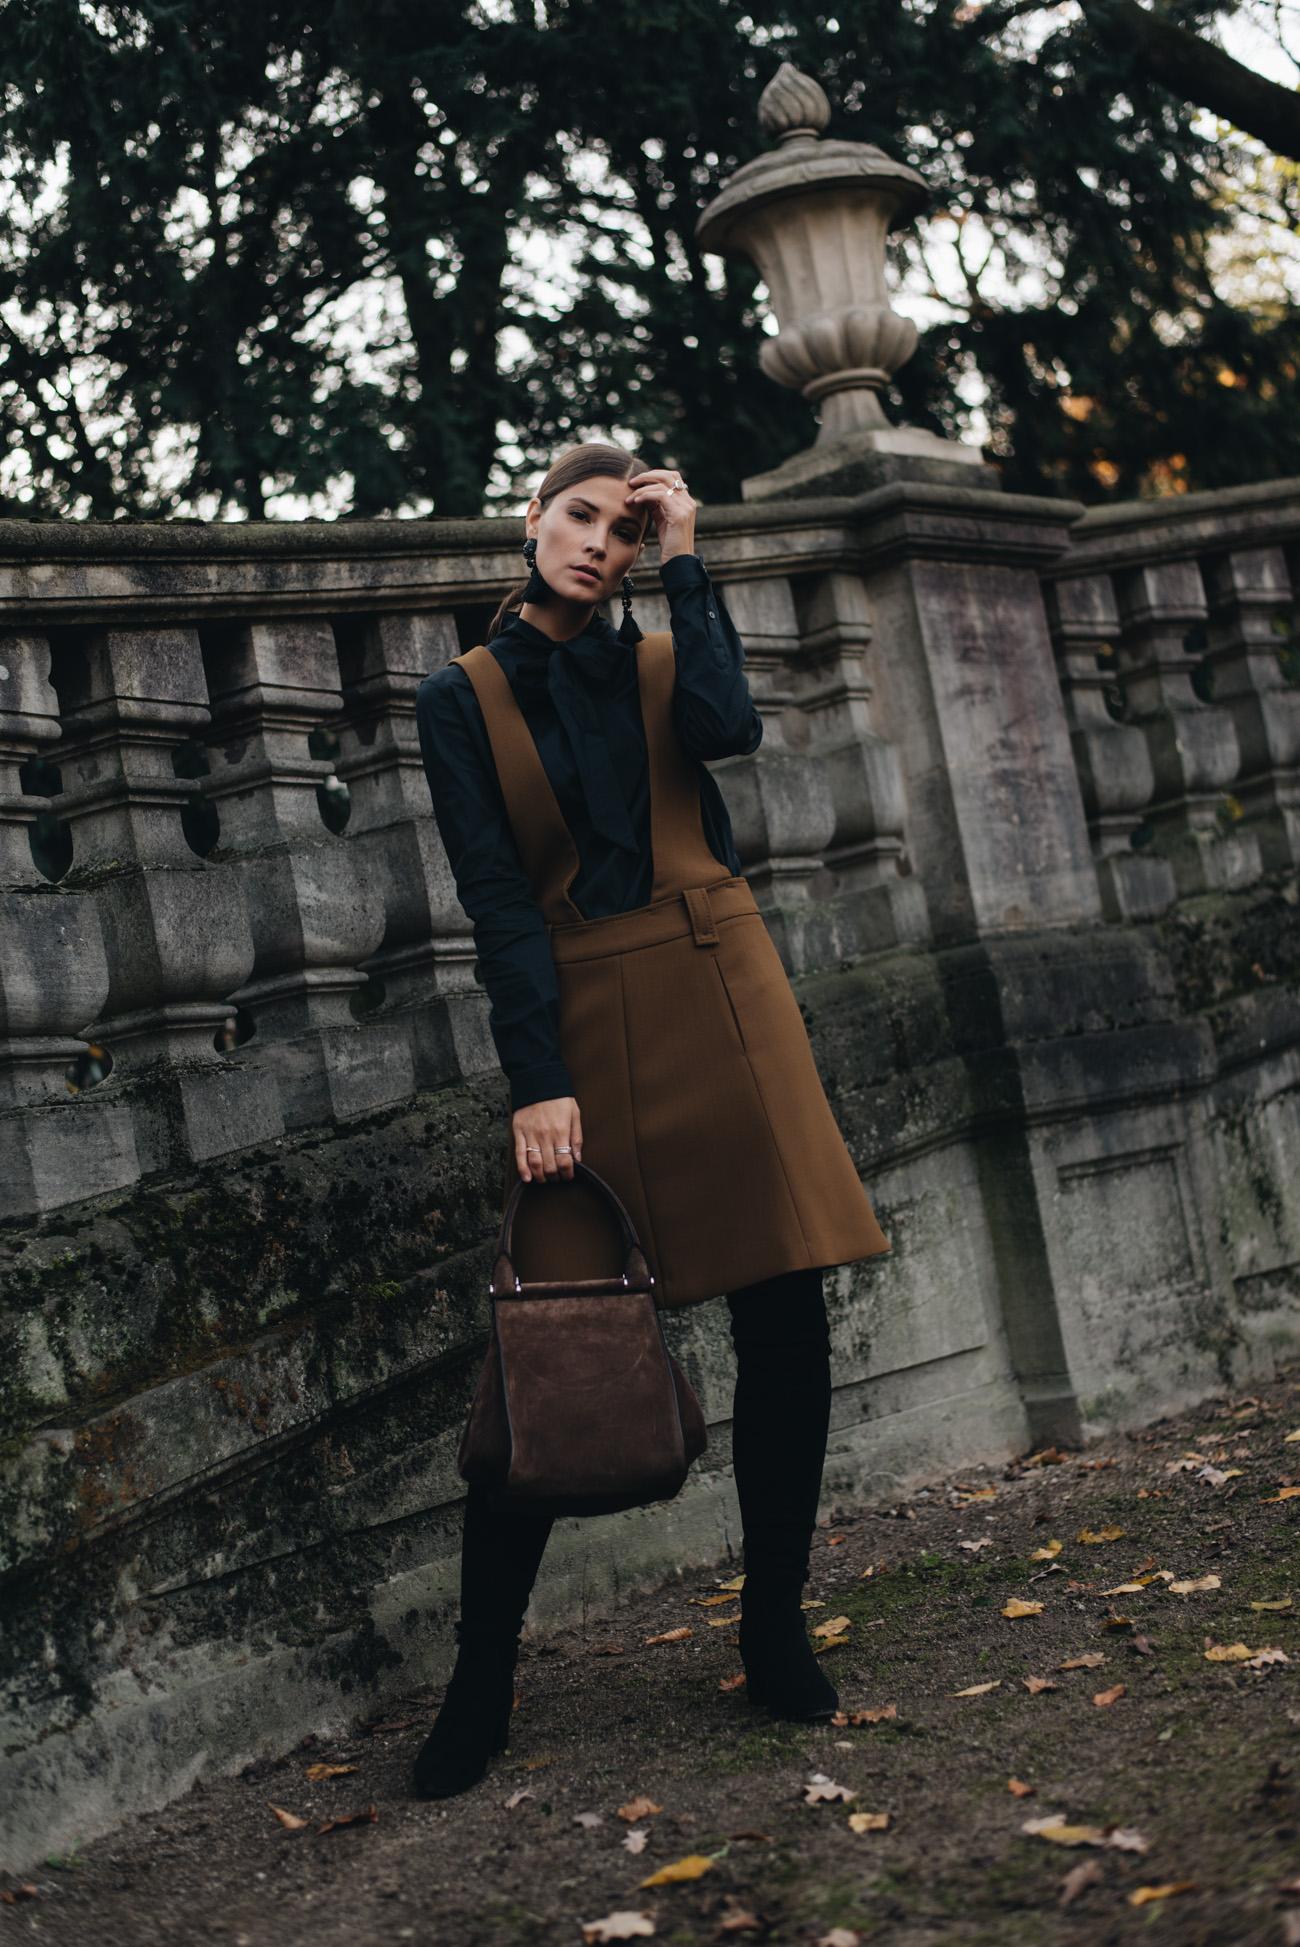 AGL-Wildleder-overknee-stiefel-schwarz-stiefel-max-mara-Tasche-aus-Veloursleder-nina-schwichtenberg-fashion-bloggeirn-modebloggerin-deutschland-münchen-fashiioncarpet